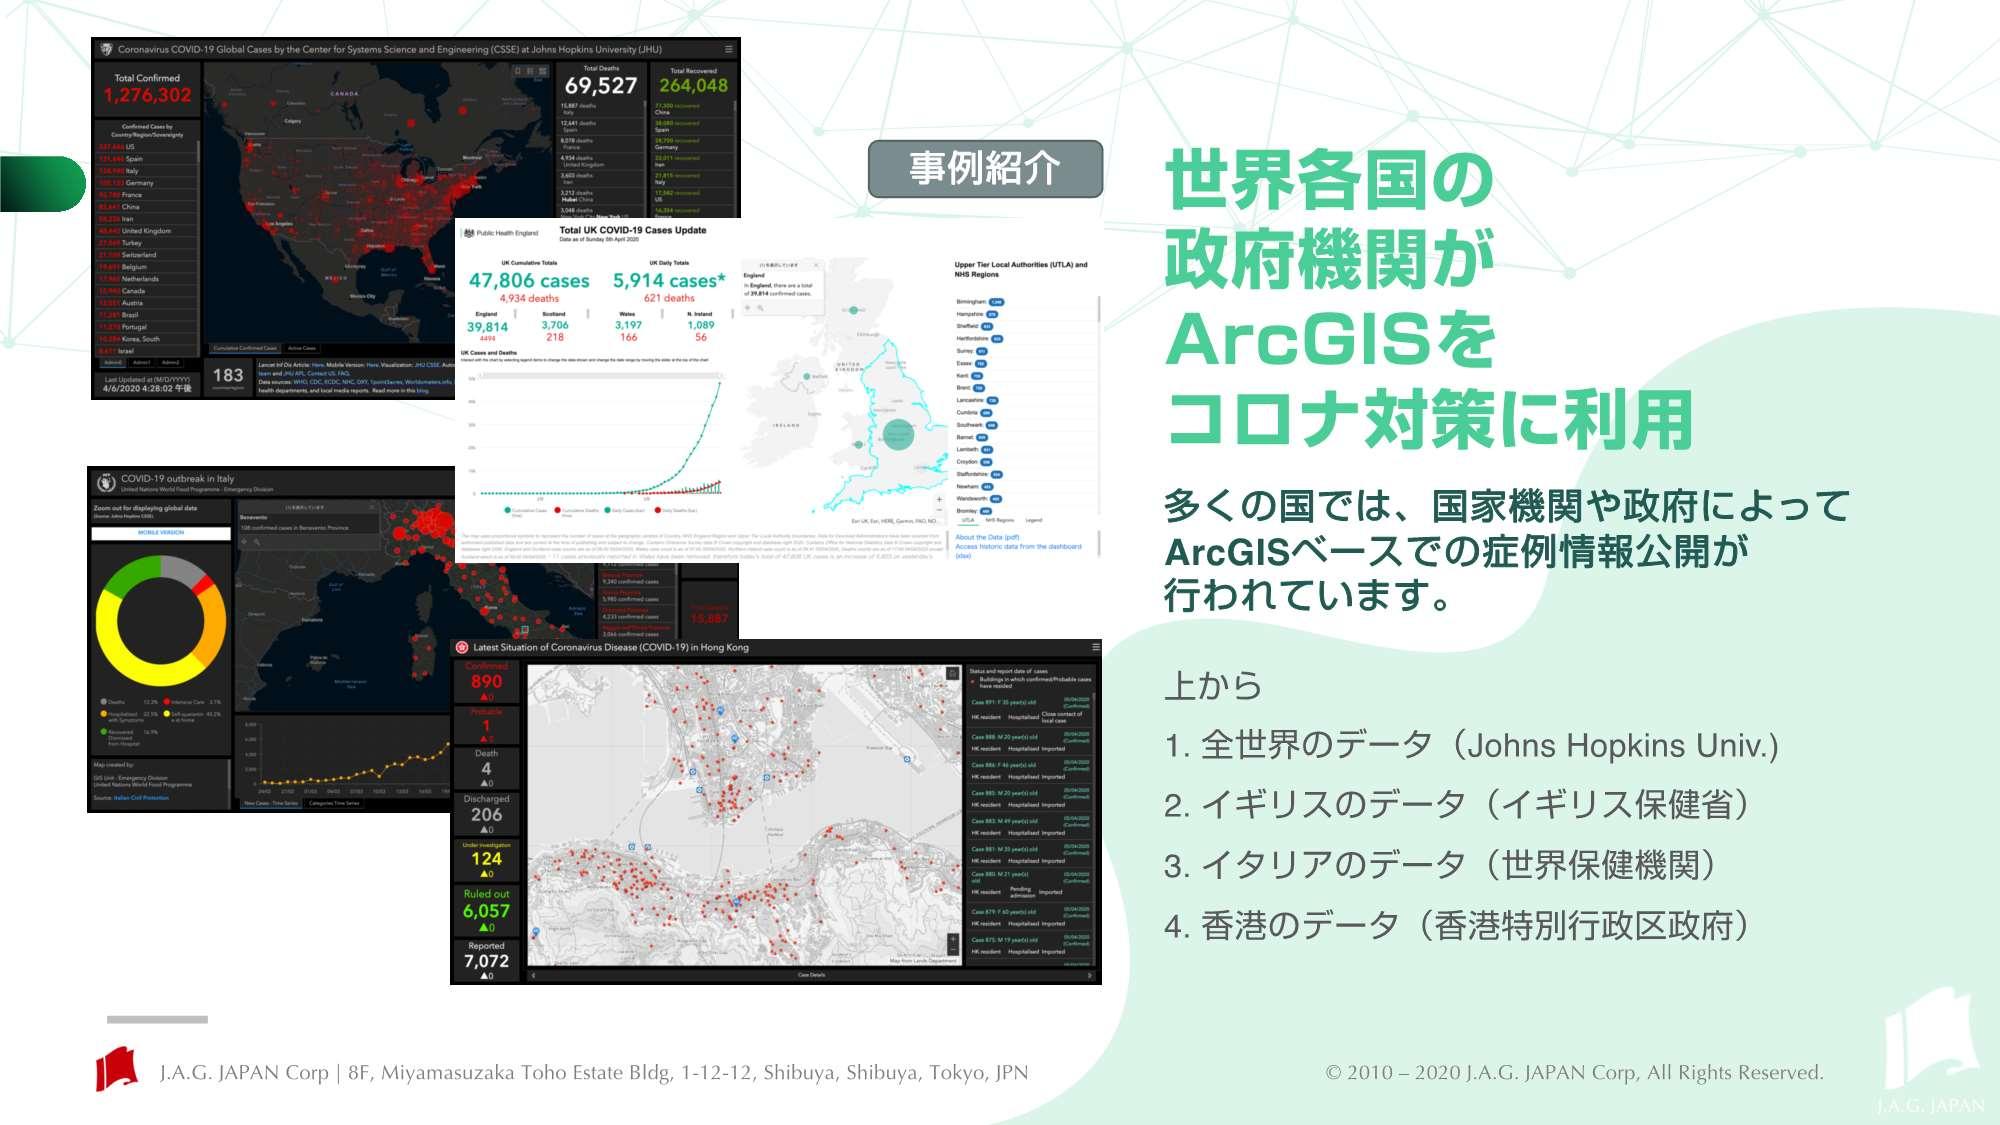 世界各国の政府機関が「ArcGIS」を使った新型コロナウイルス対策サイトを公開